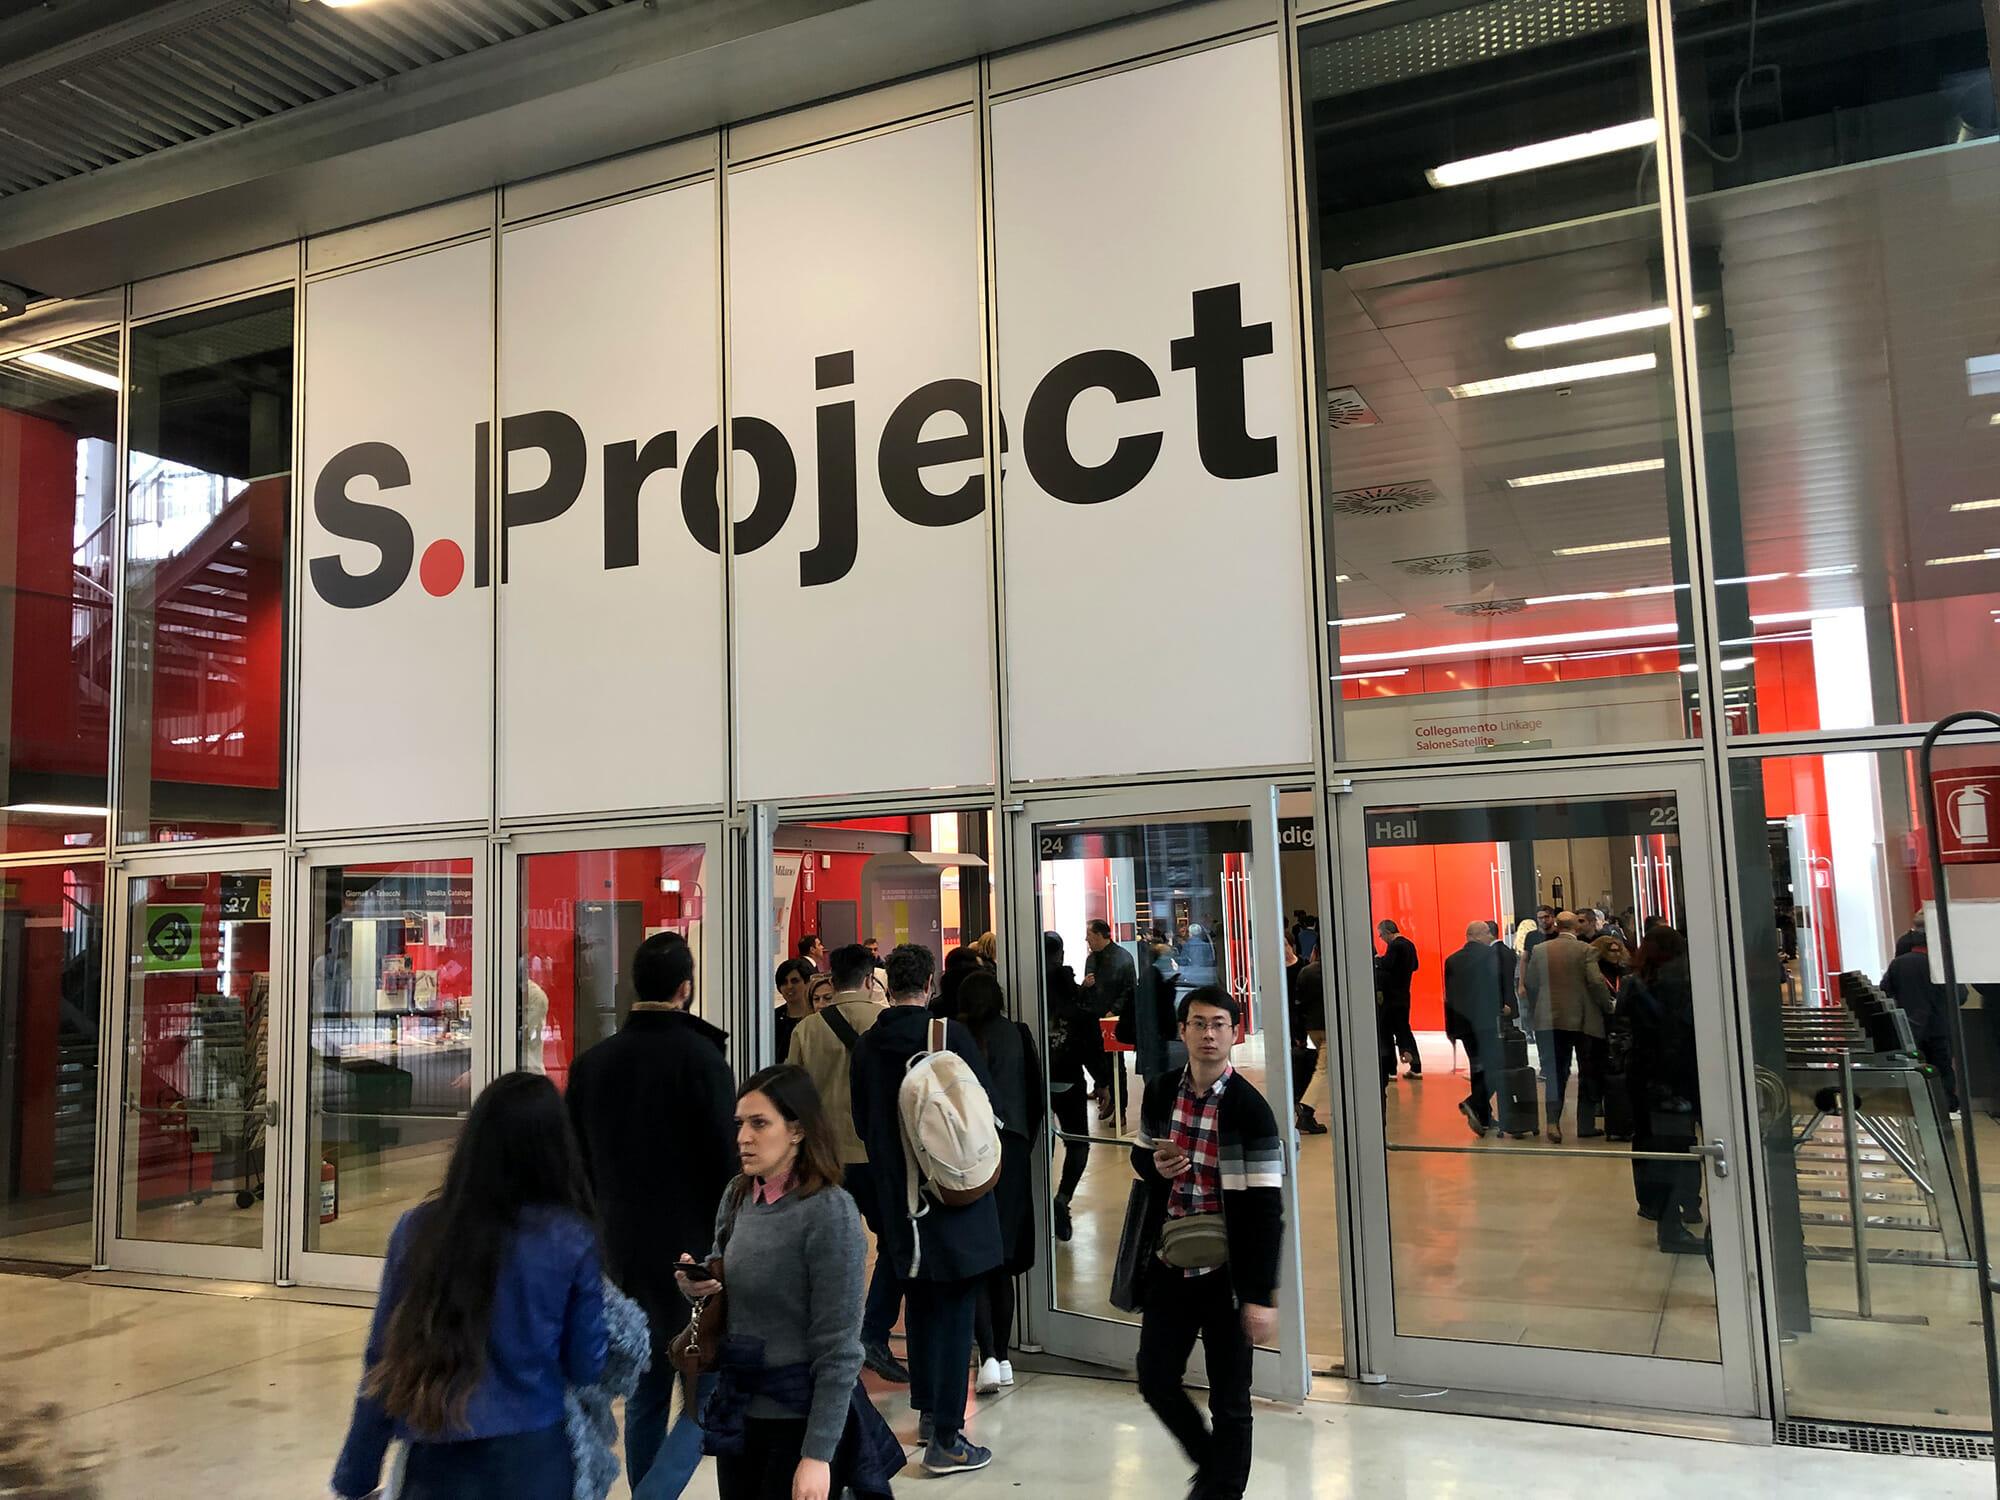 S.Projectエントランス、84社を共通のデザインで包むのではなく、それぞれがコントラクト向けの展示を行うことでジャンル横断の軸とした